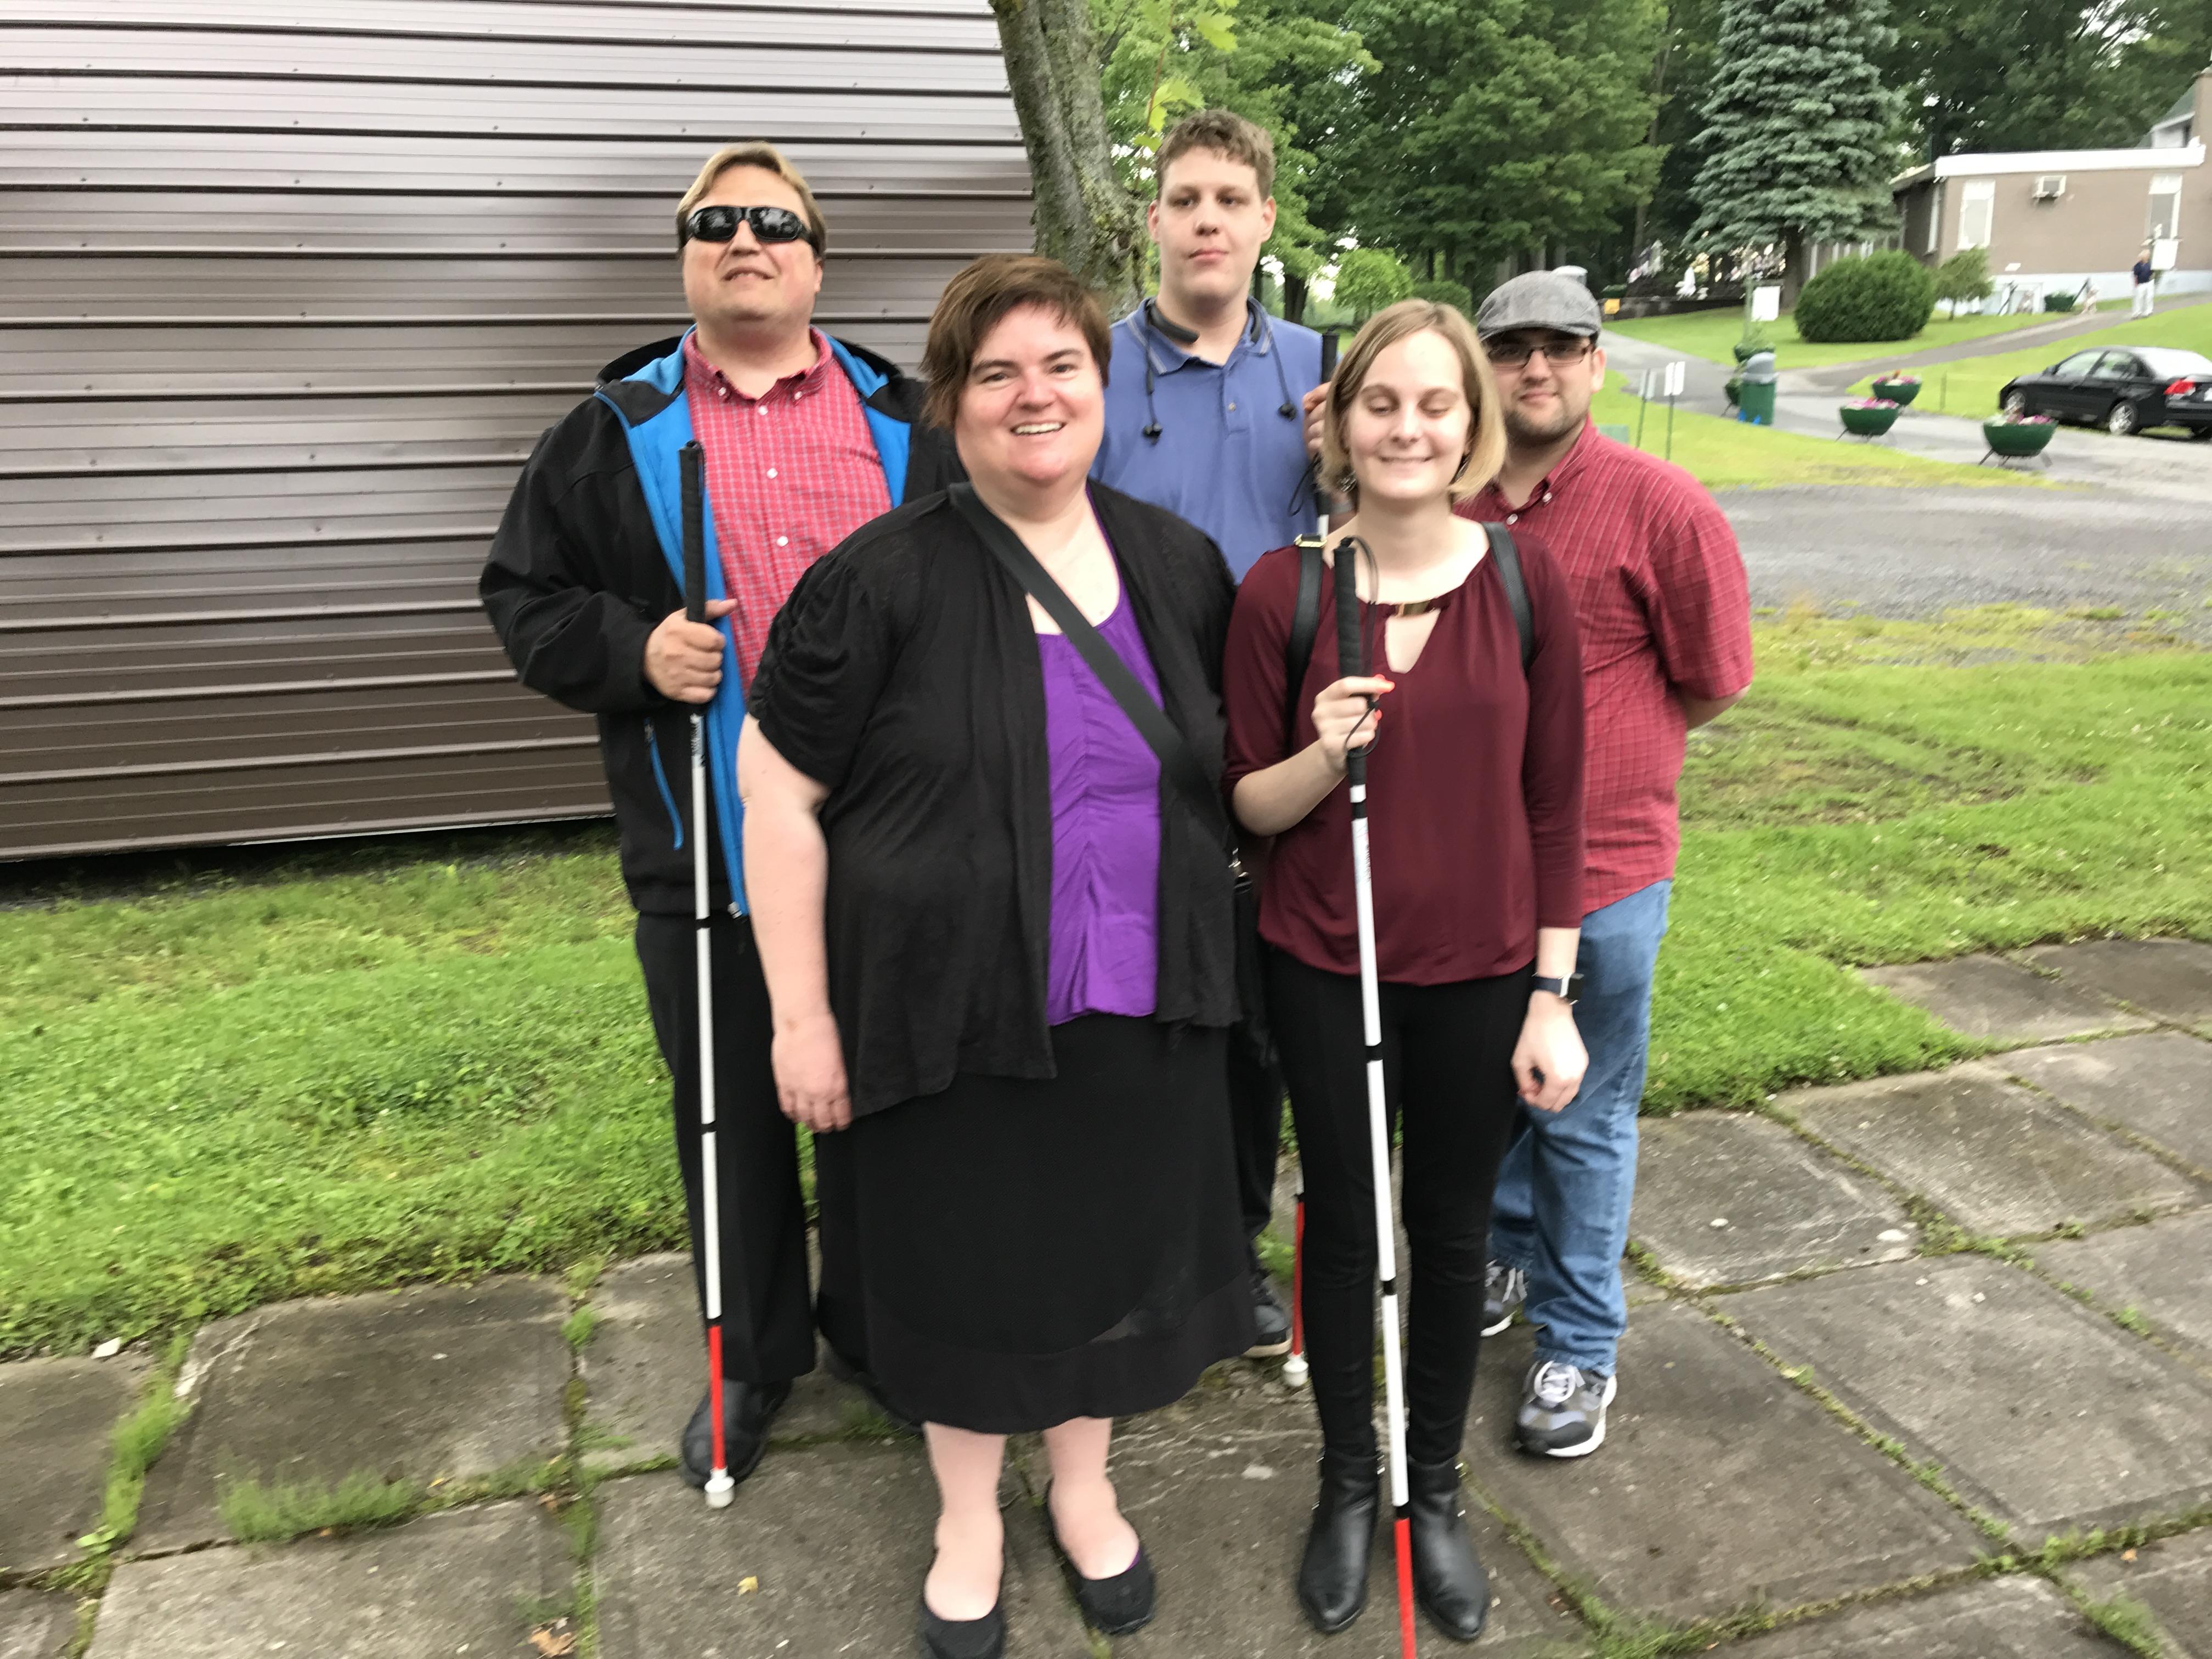 Membres du conseil d'administration du Conseil canadien des aveugles de Longueuil pour l'année 2017-2018.